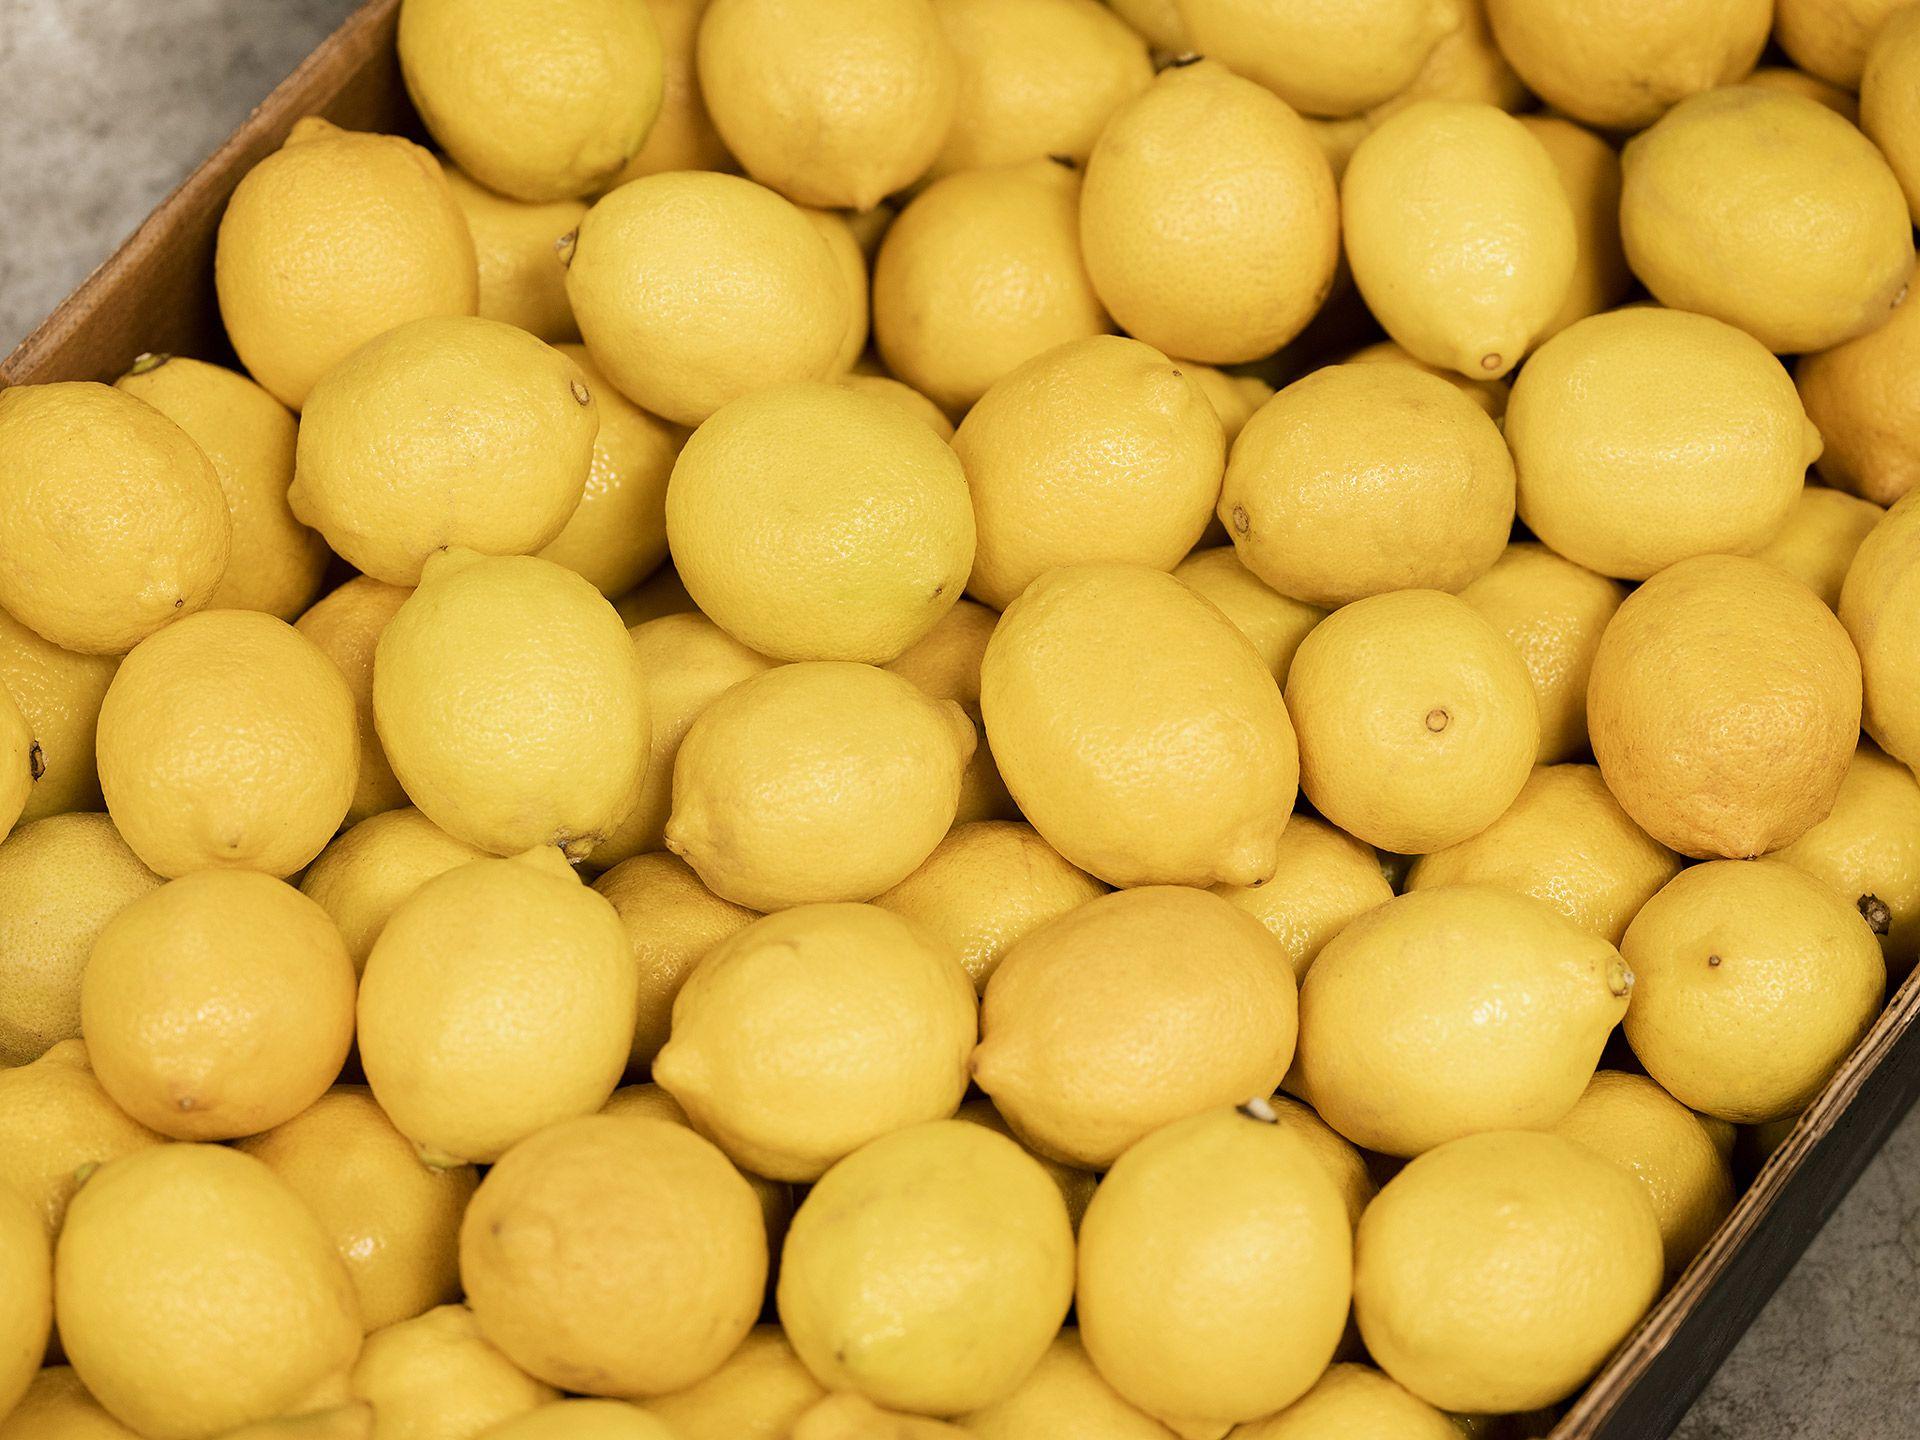 Gros plan d'une grosse quantité de citrons dans une grande boîte.